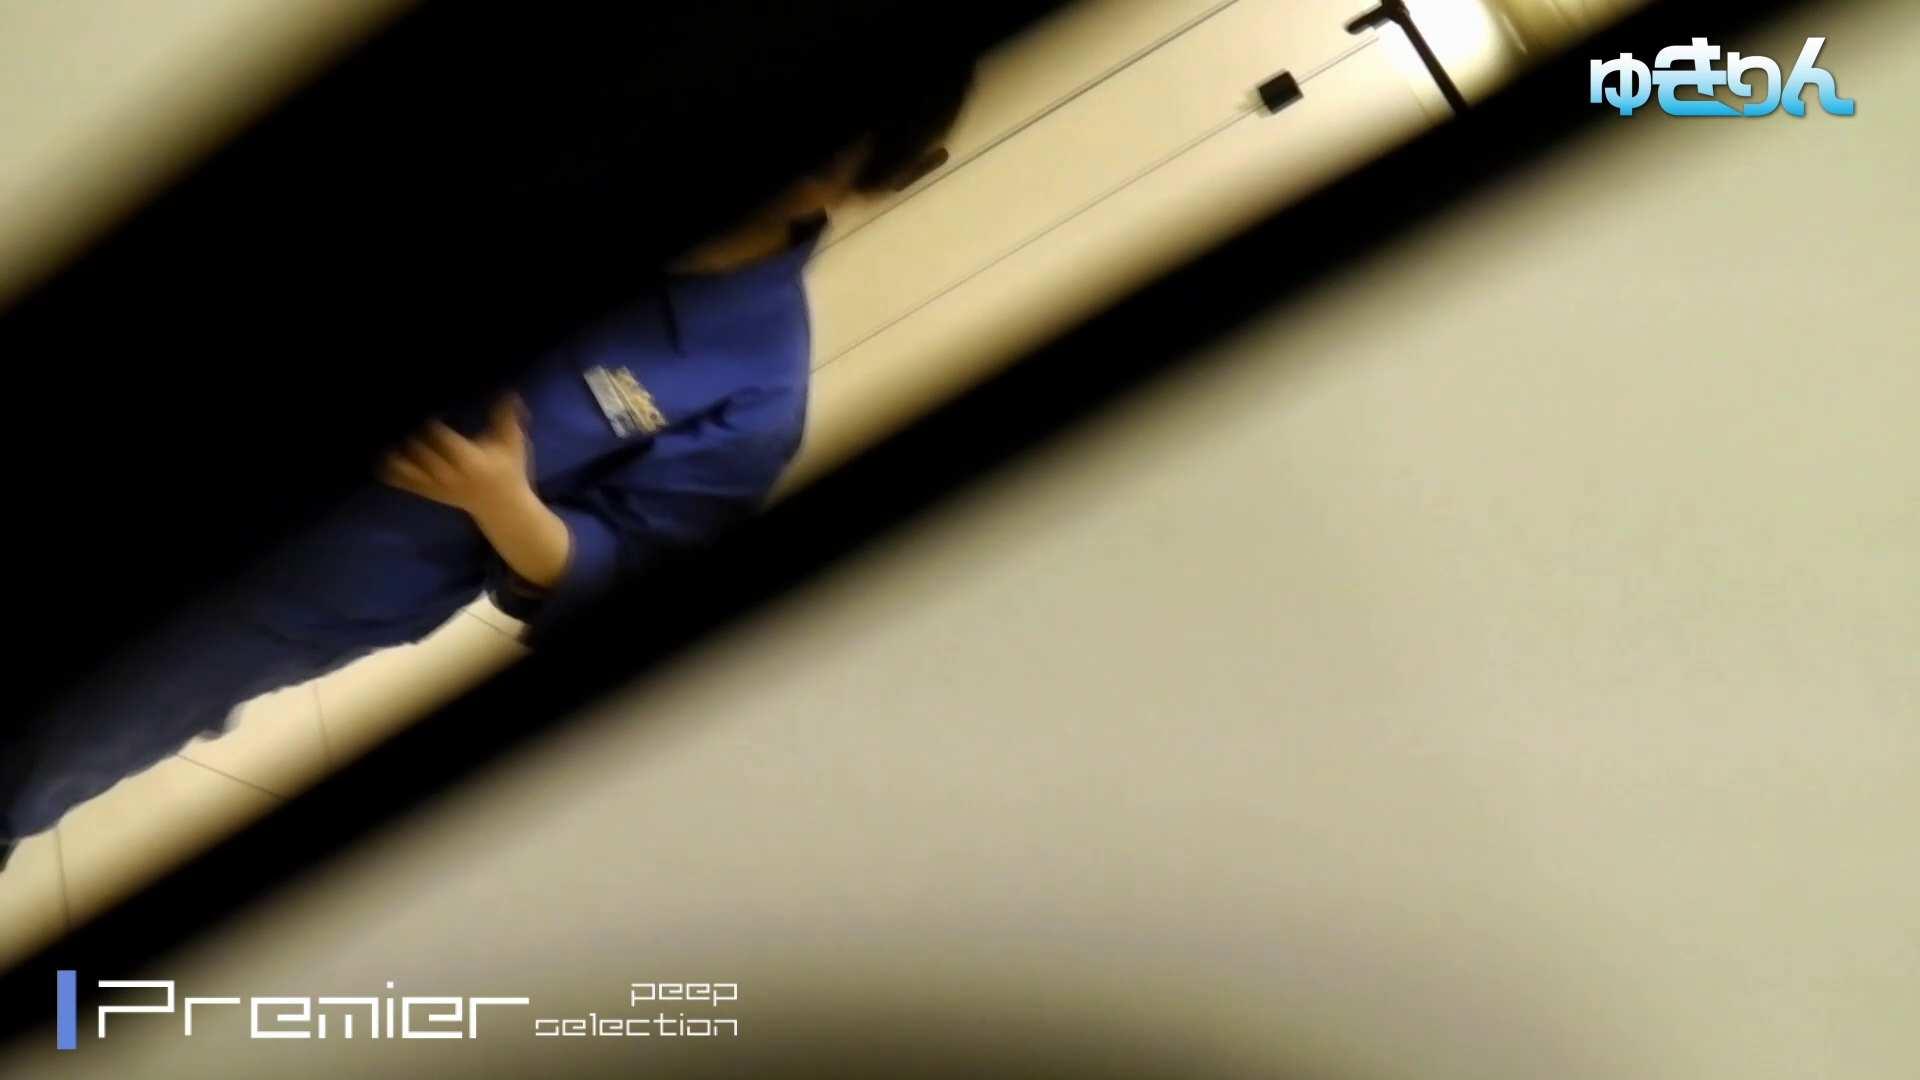 新世界の射窓 No100 祝 記念版!異次元な明るさと技術 無料動画 美肌  72PIX 24